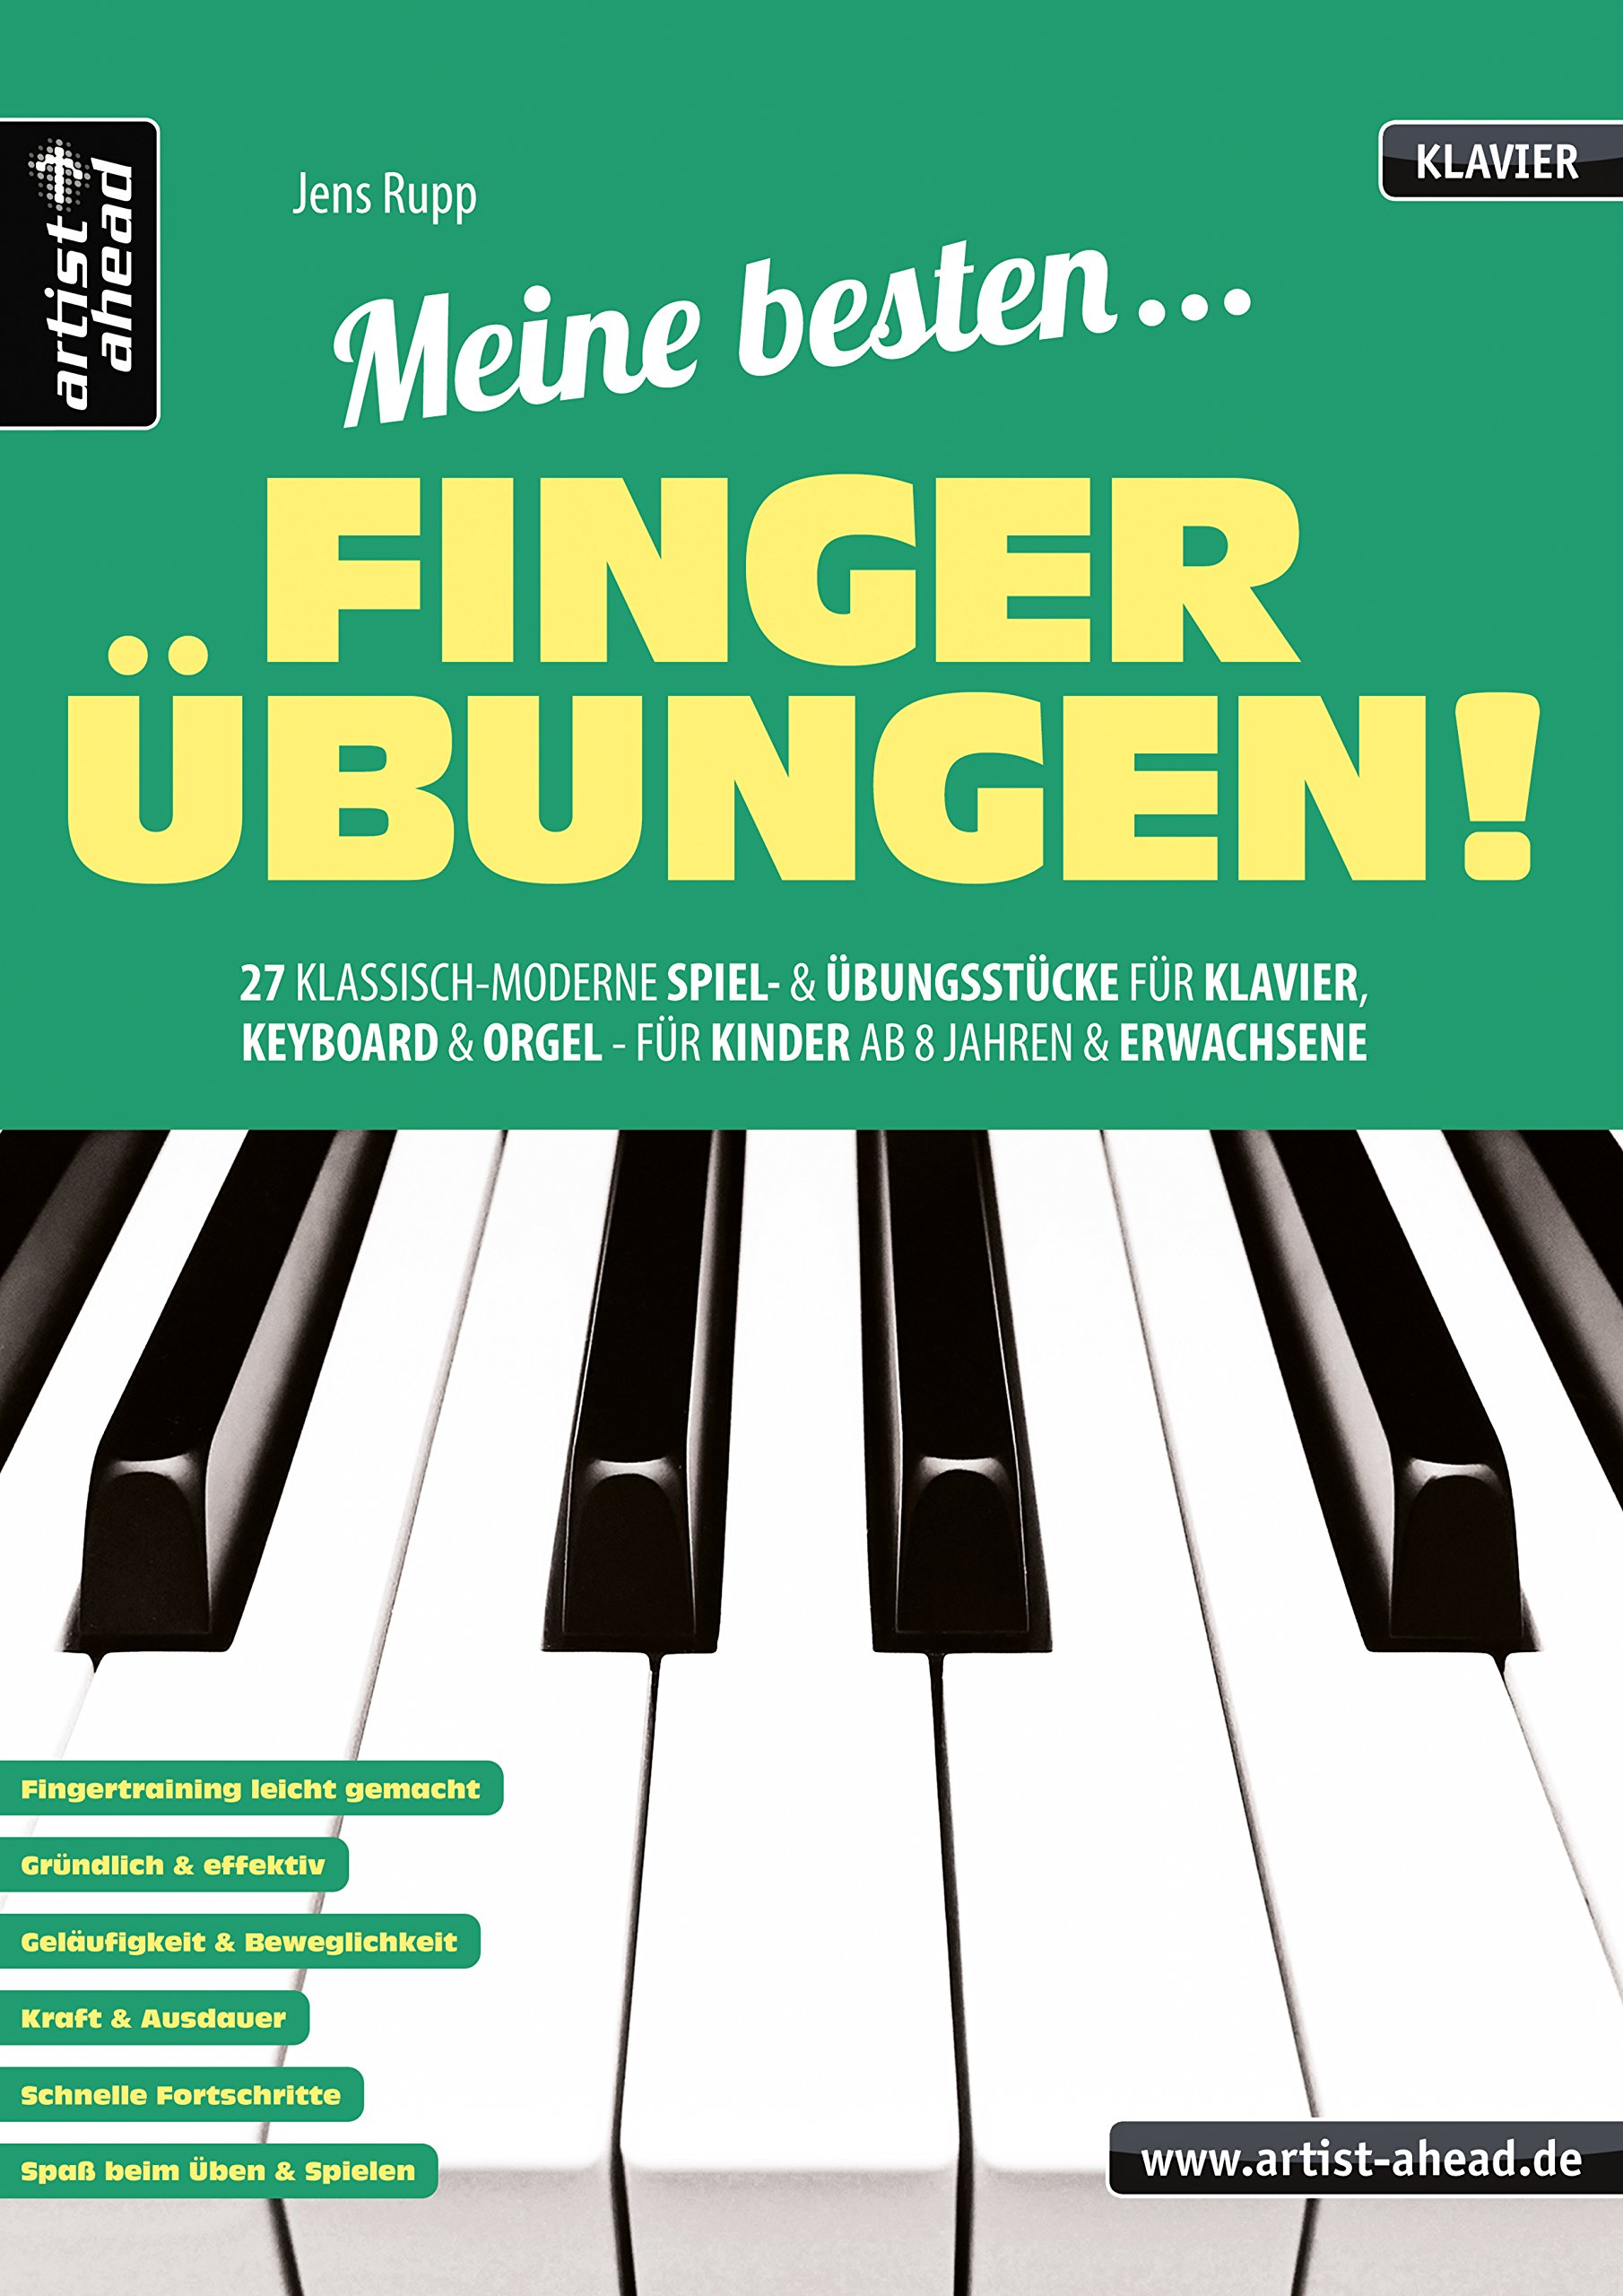 Meine besten Fingerübungen! 27 klassisch-moderne Spiel- und Übungsstücke für Klavier, Keyboard & Orgel - für Kinder ab 8 Jahren & Erwachsene. Fingertraining. Lehrbuch für Piano. Musiknoten.